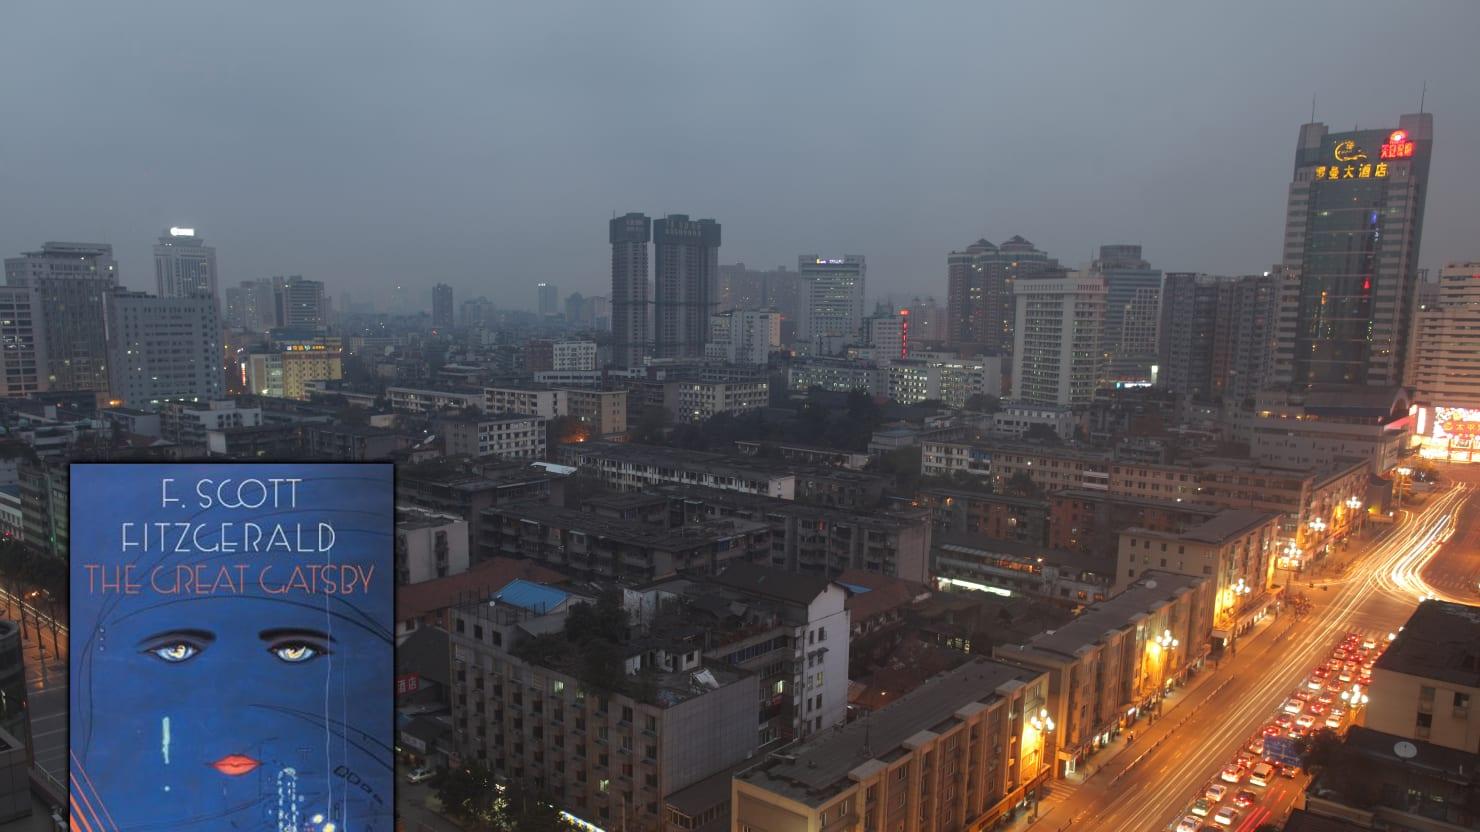 Teaching 'The Great Gatsby' in Chengdu, China